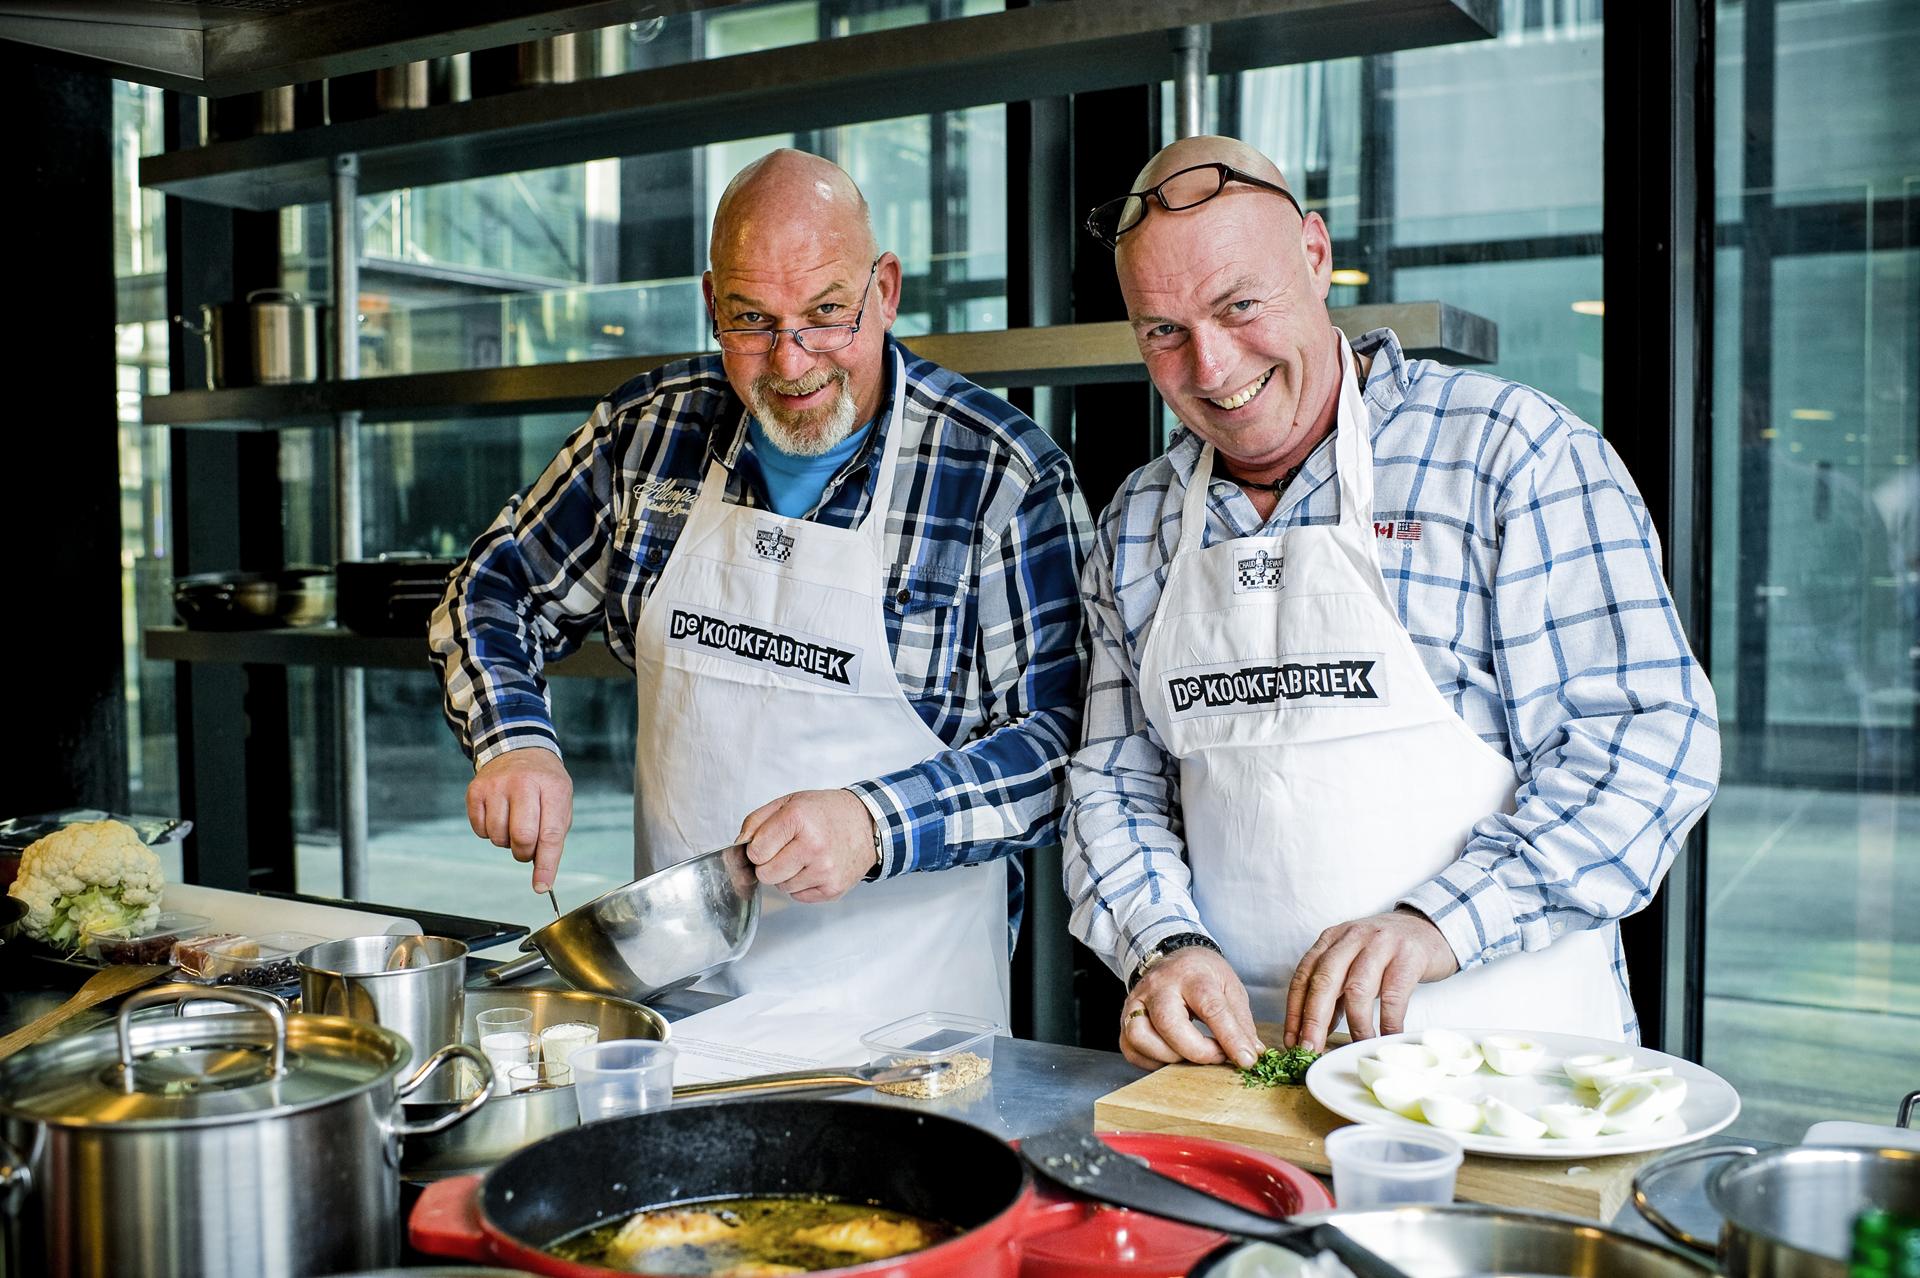 De Kookfabriek Rotterdam